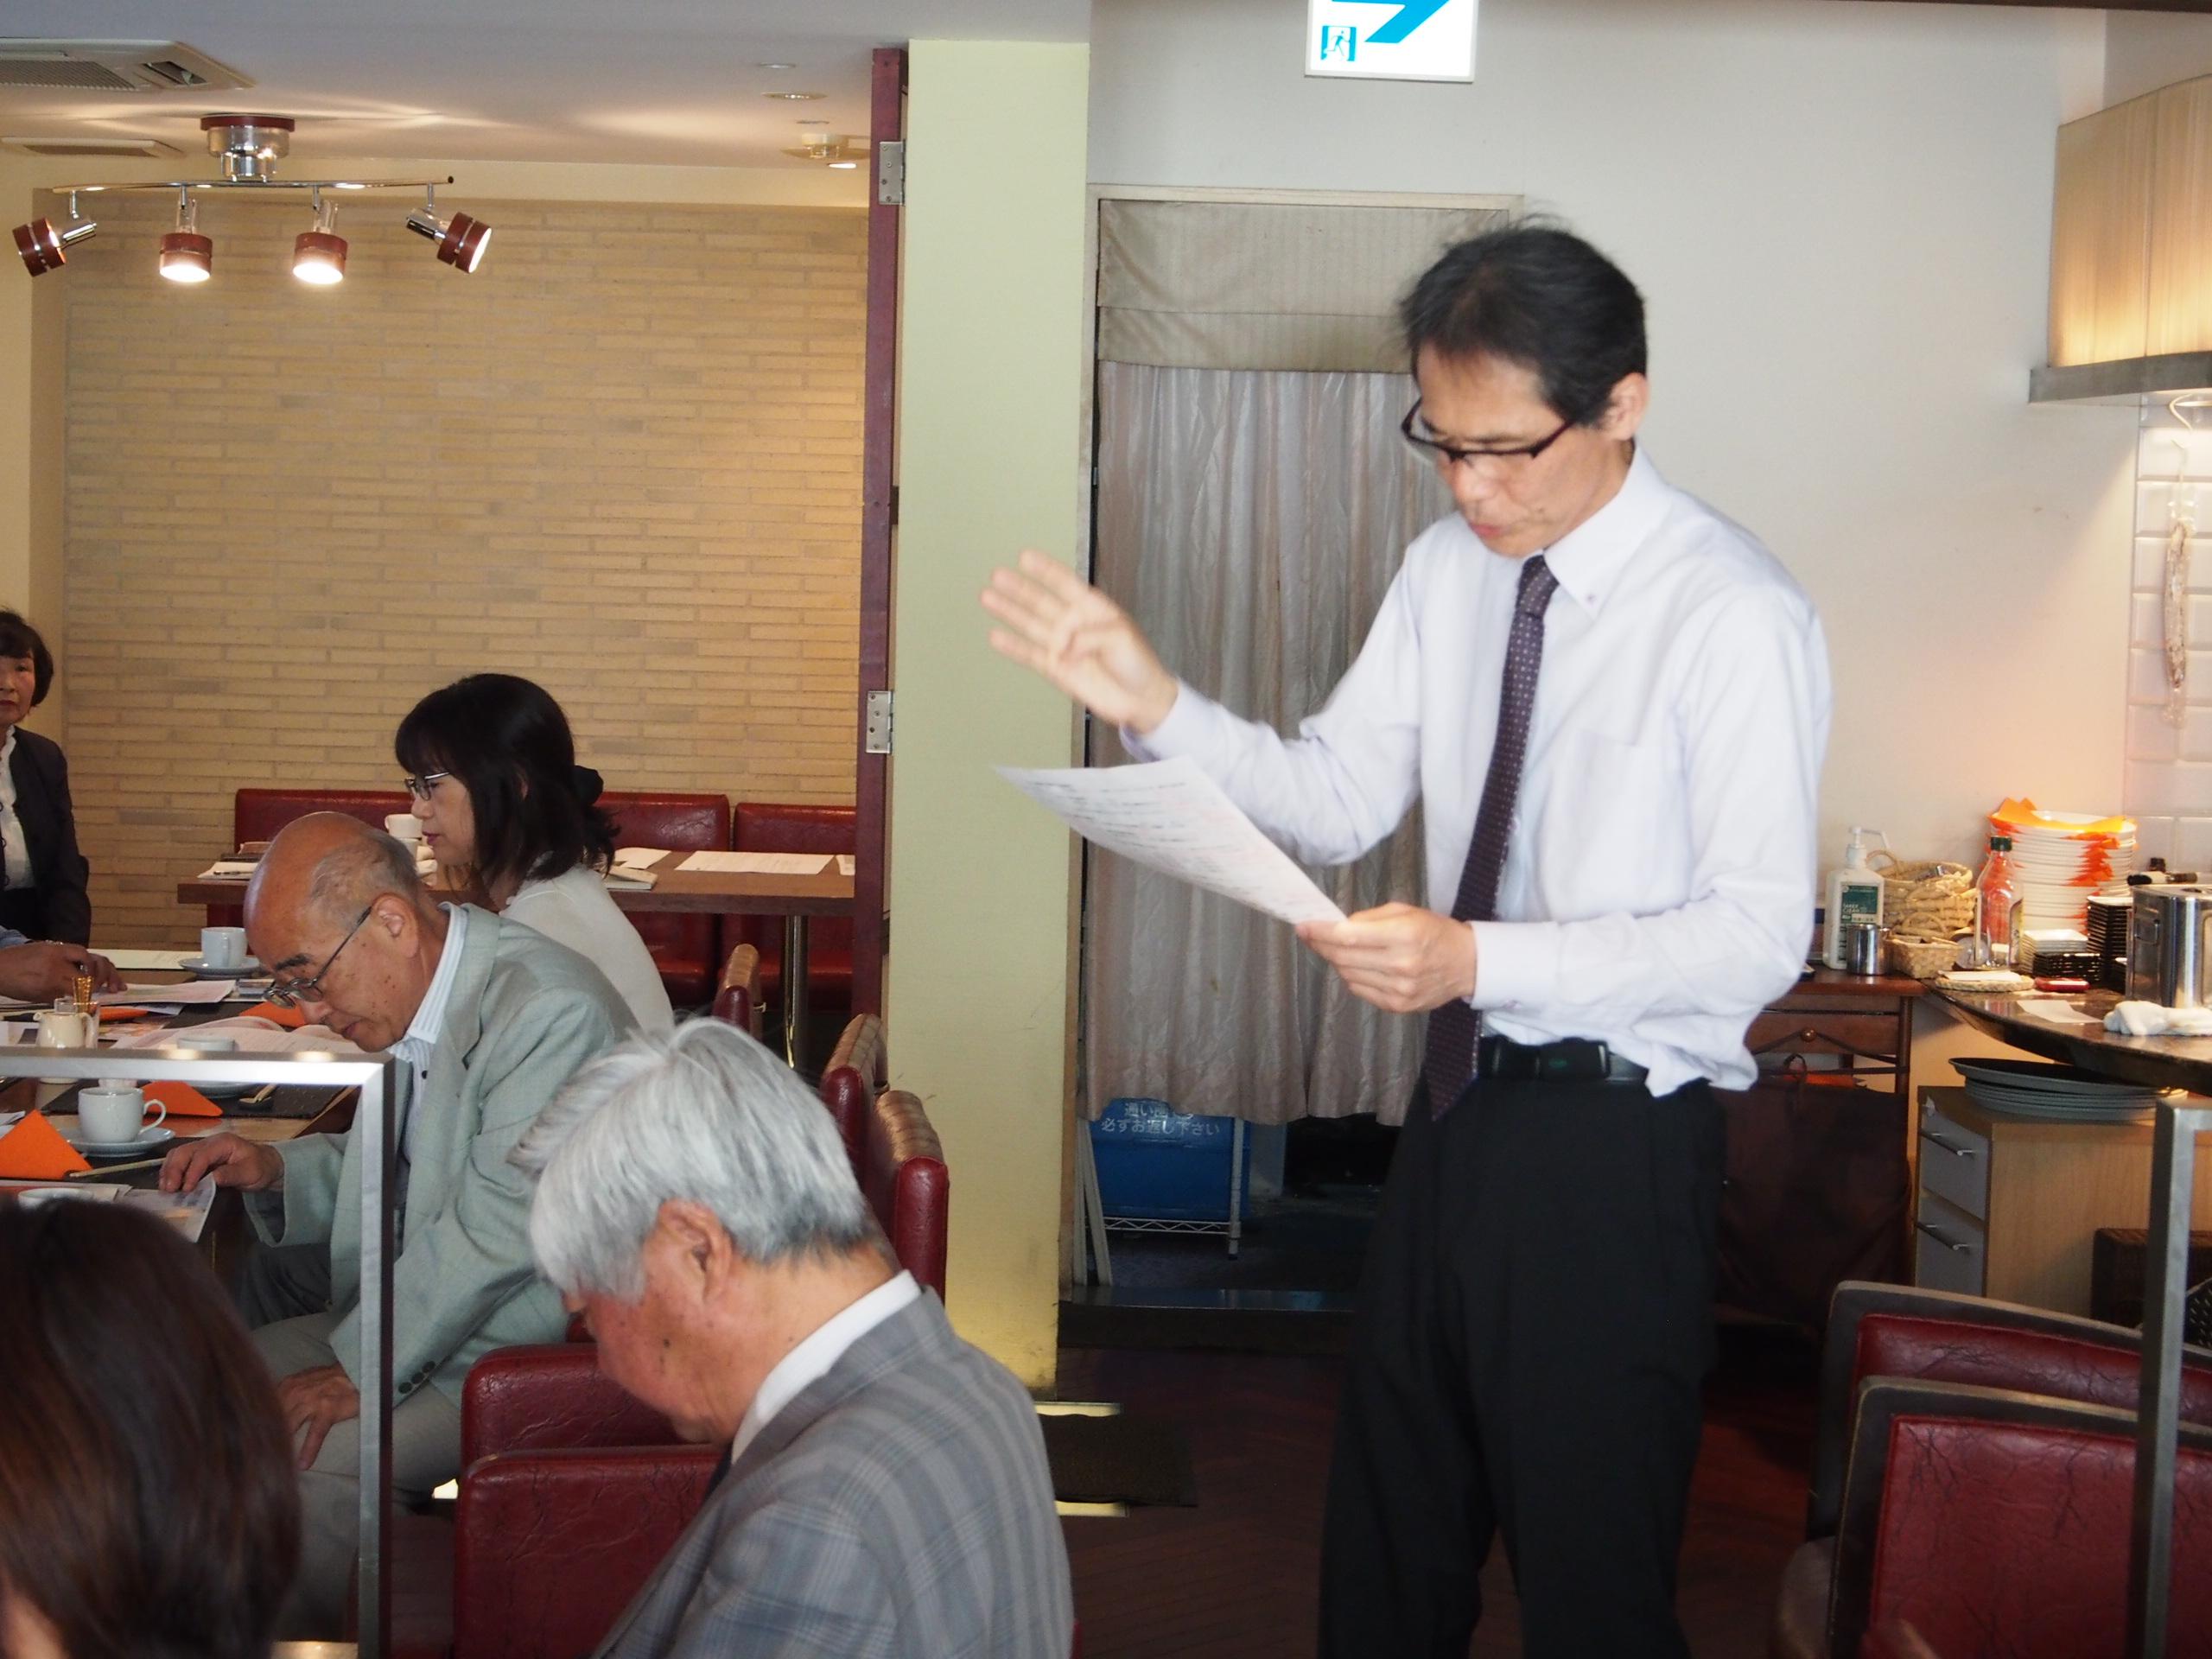 大同生命株式会社の育成部長の東弘人氏(中小企業診断士)による「九転十起の精神とセールスマン教育の実情」